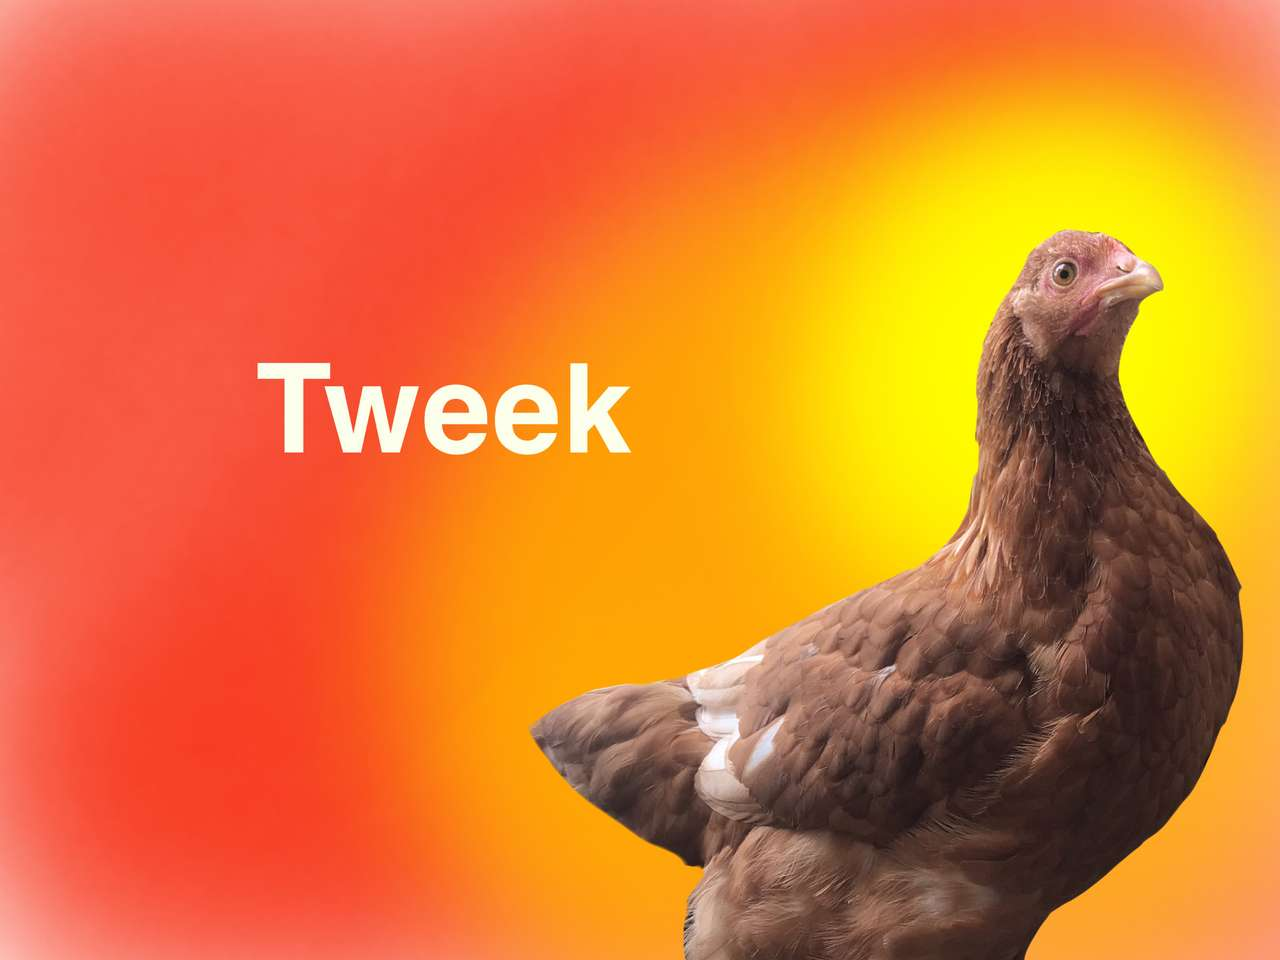 Pui de găină Tweek - Este o găină maro (12×9)